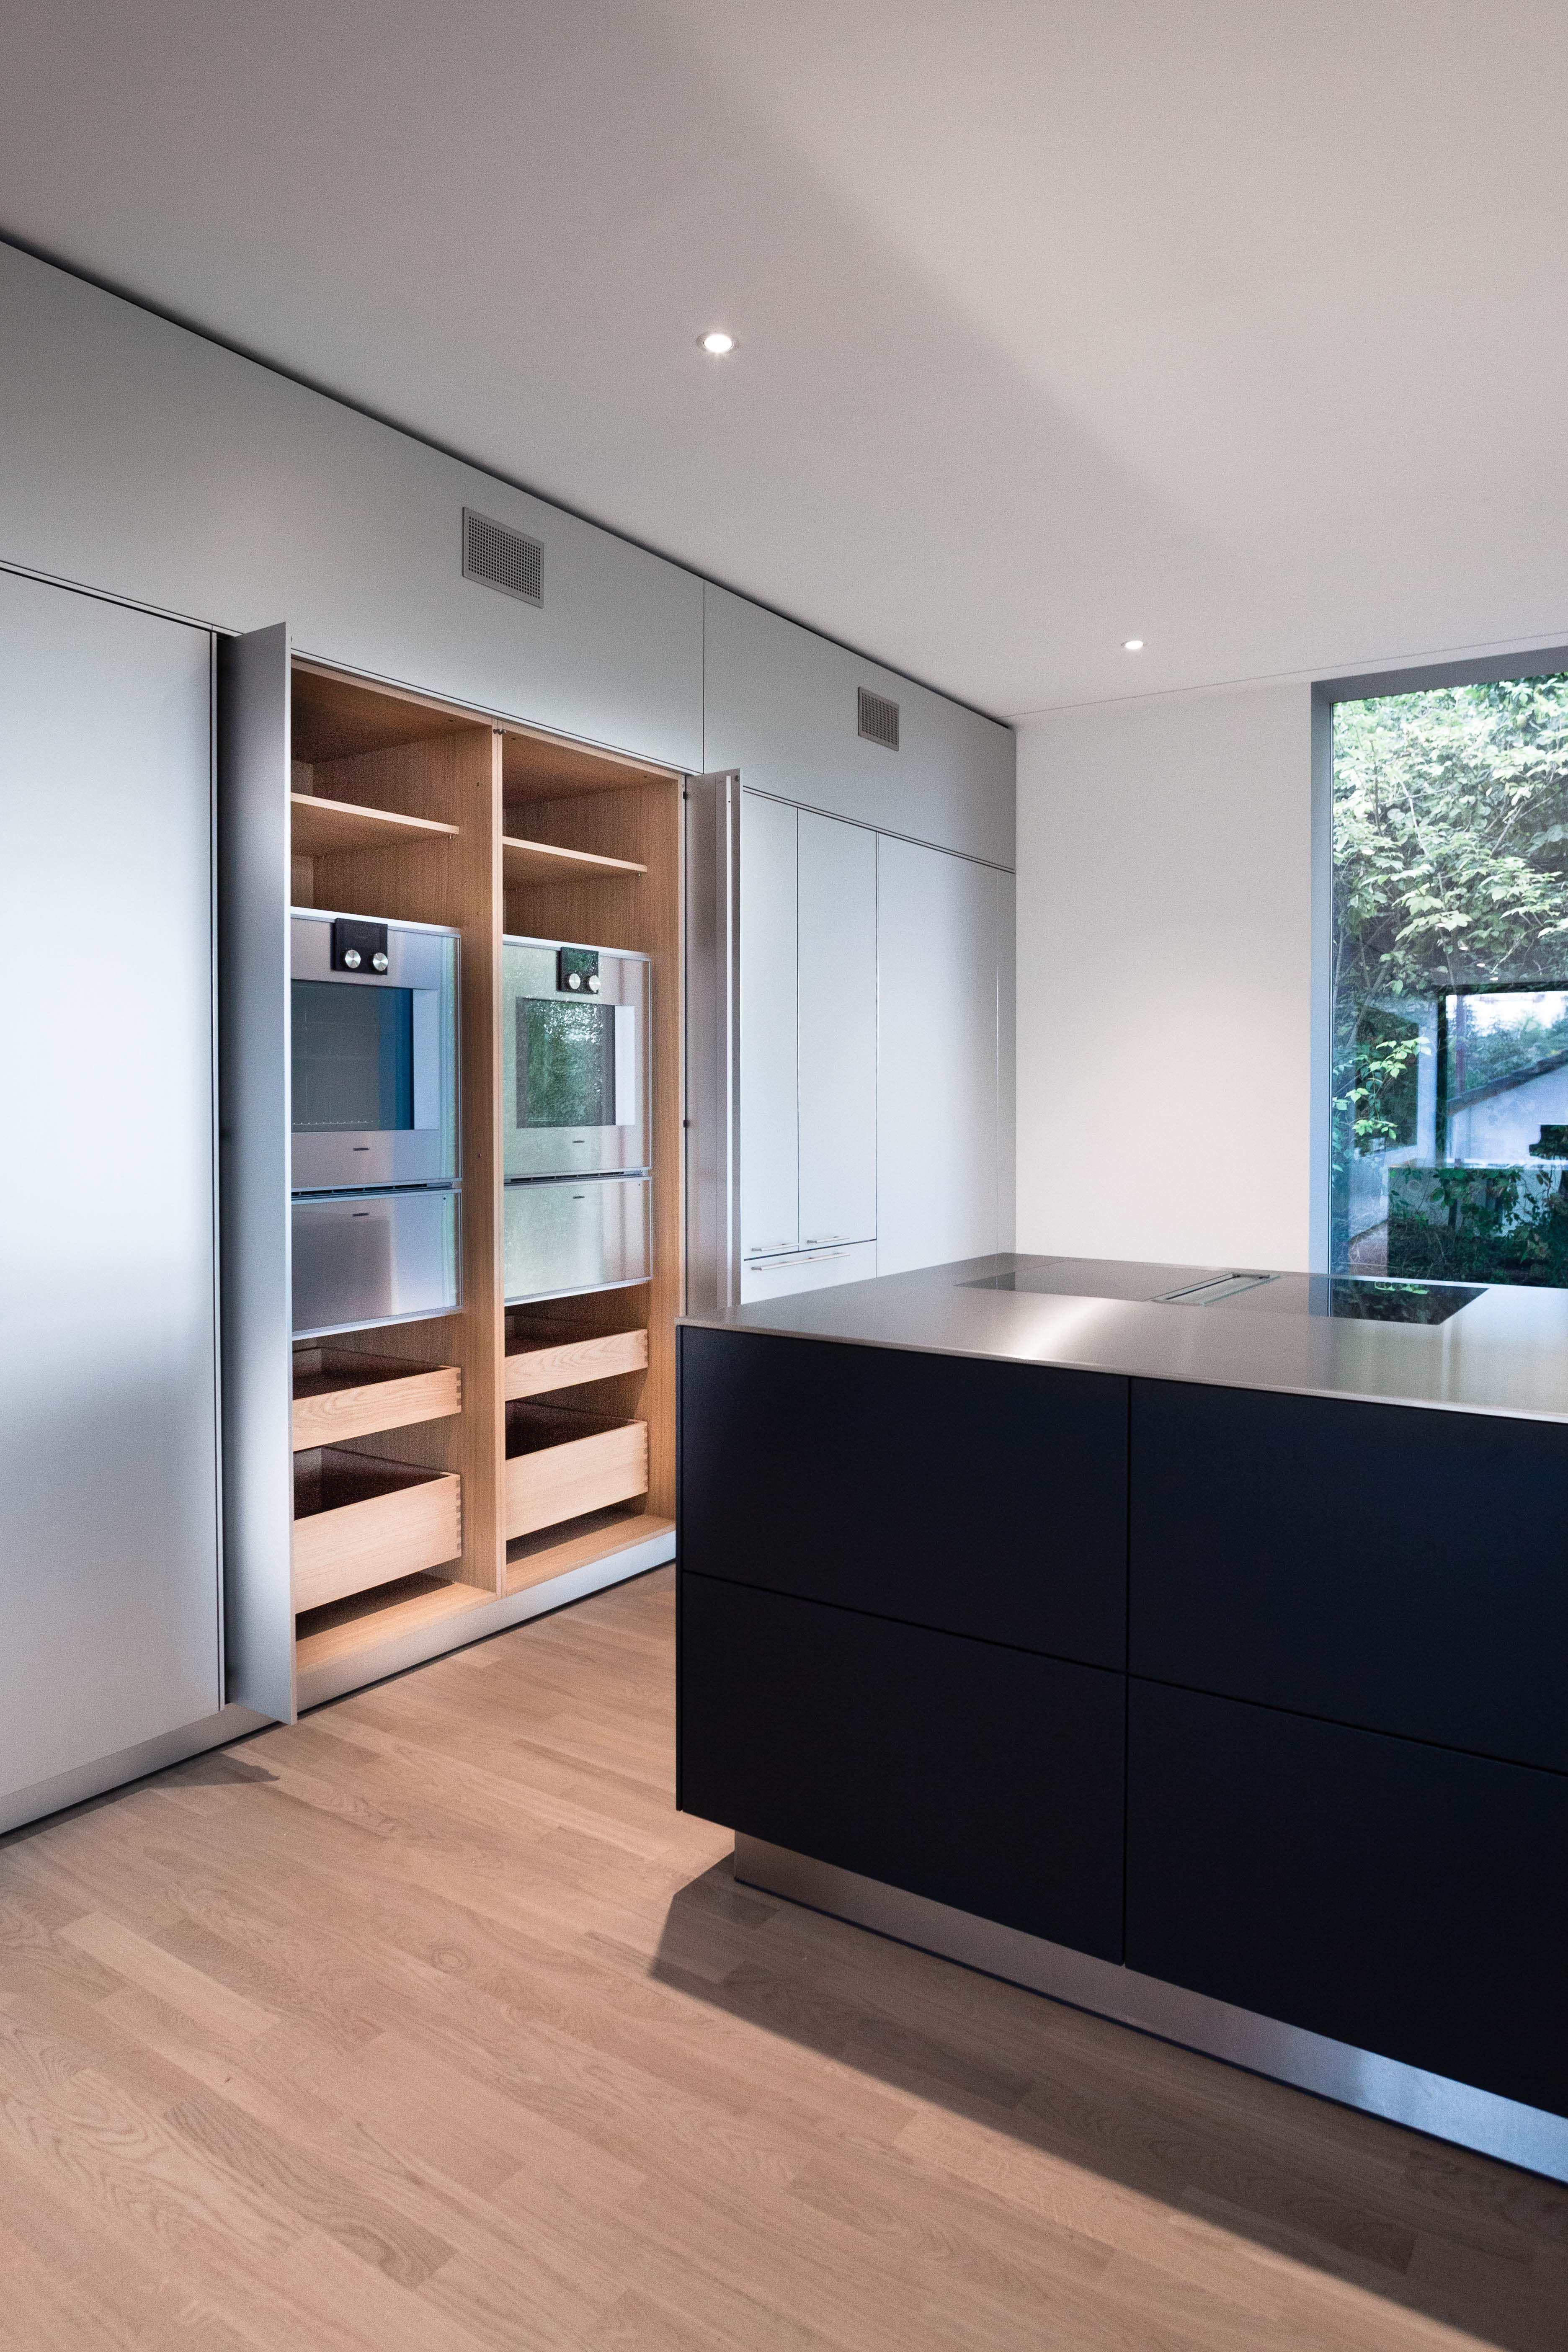 Home küche innenarchitektur bilder küche und wohnen  apluswebküchecowohnhaus